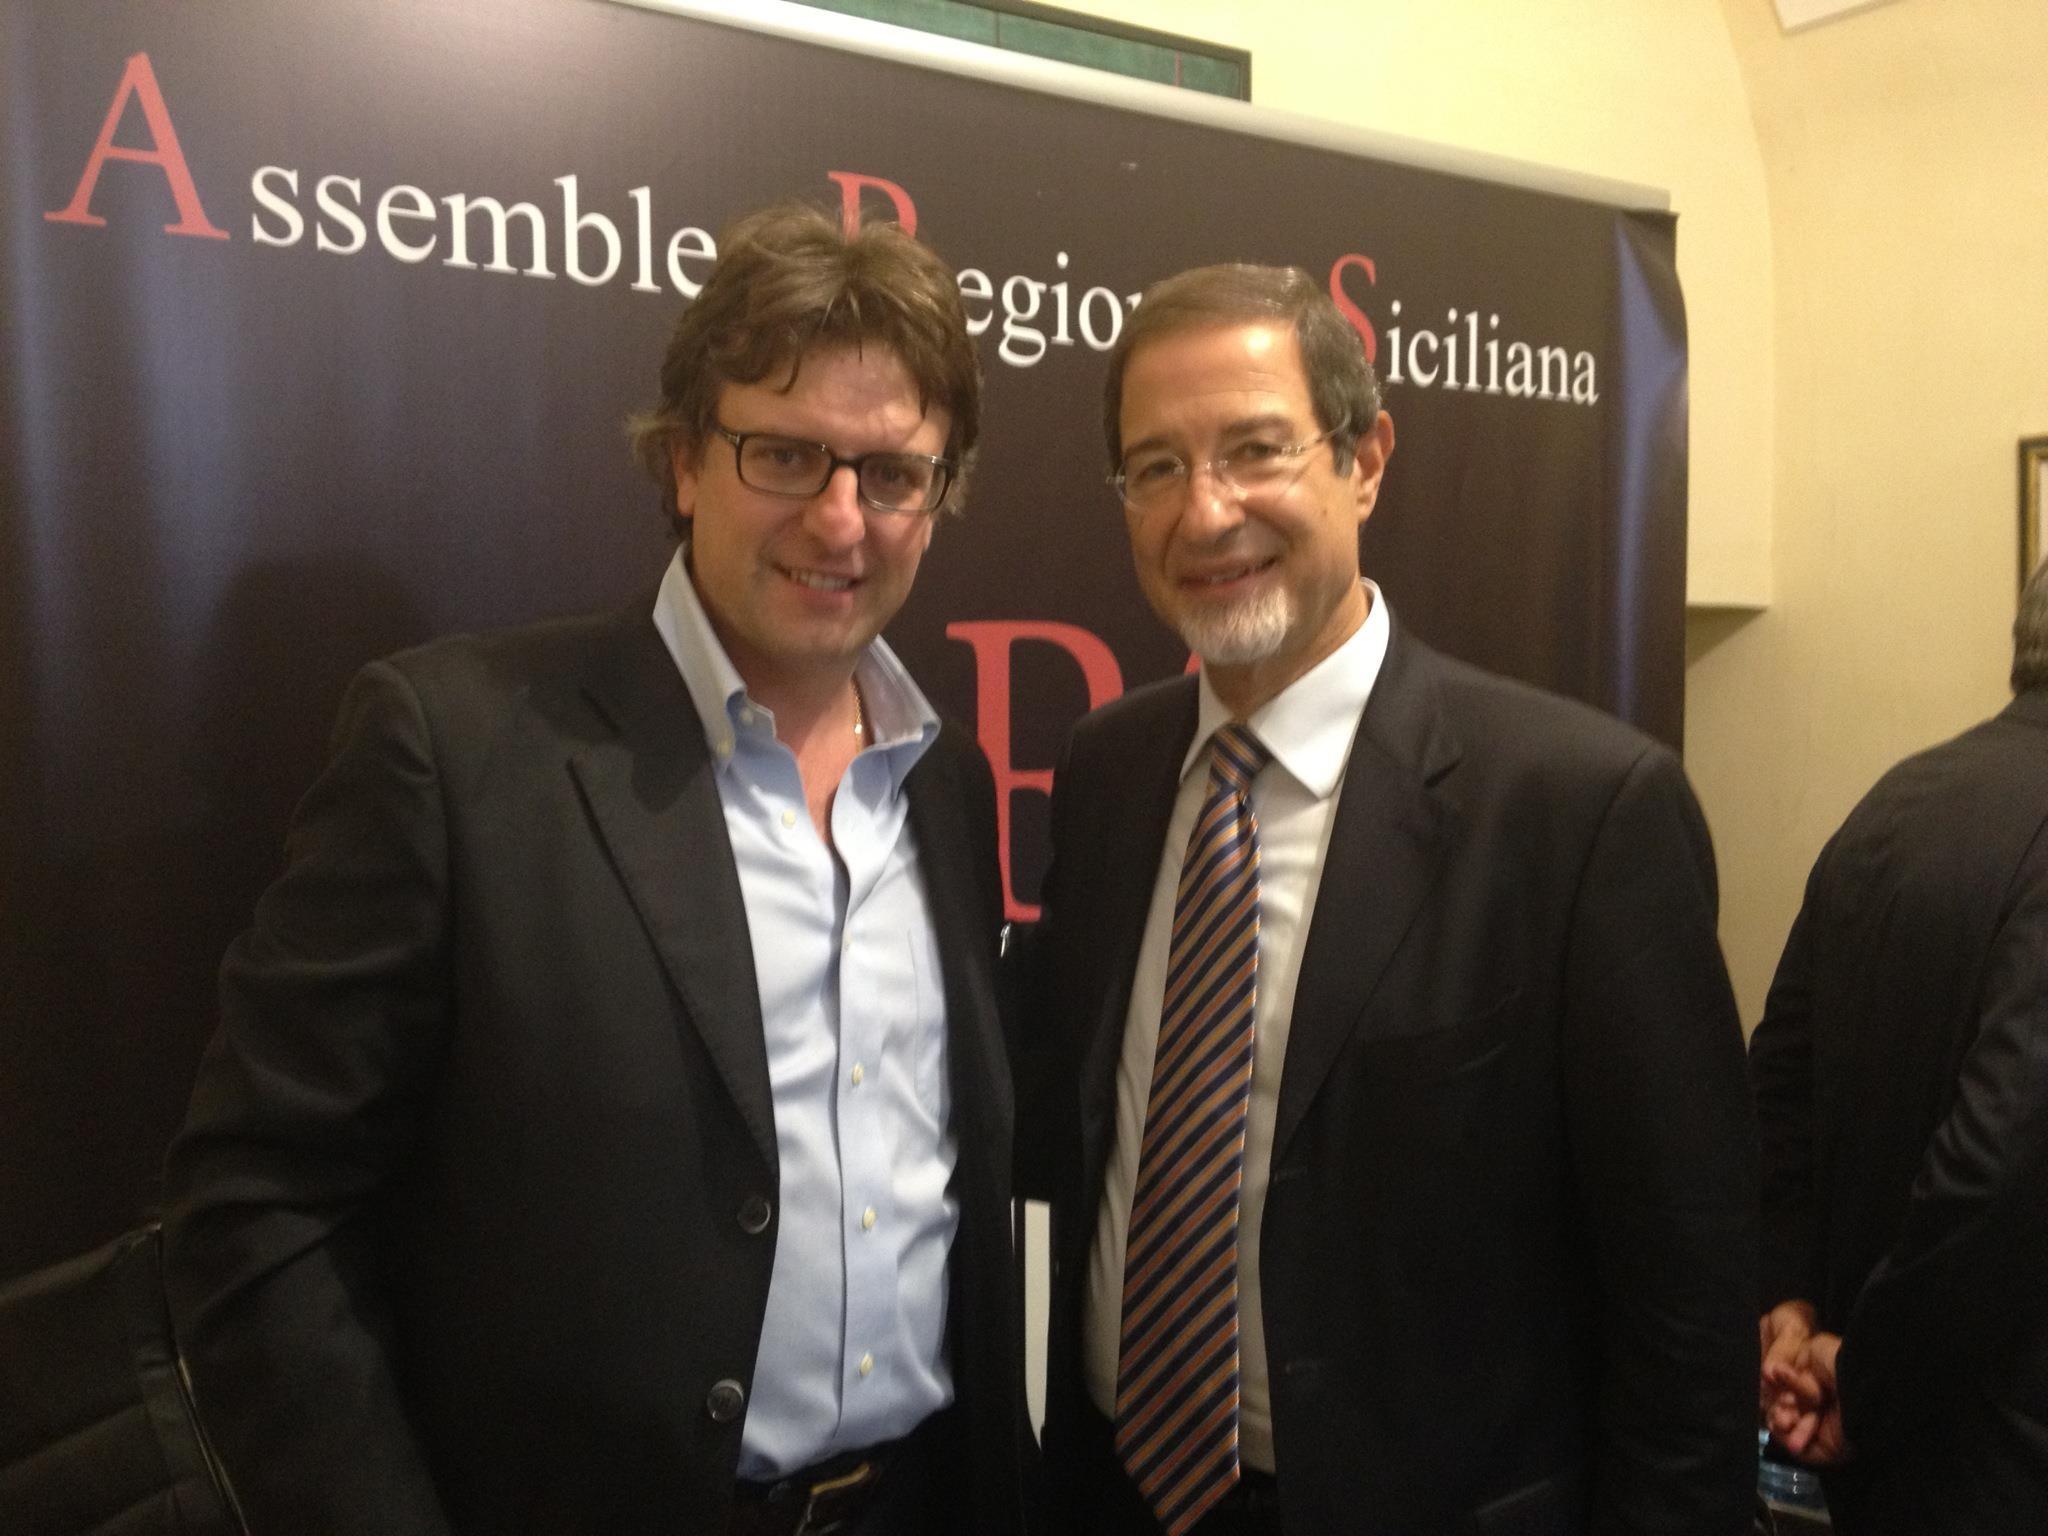 Sicilia: FdI appoggia candidatura Musumeci, che apre anche ad Ap